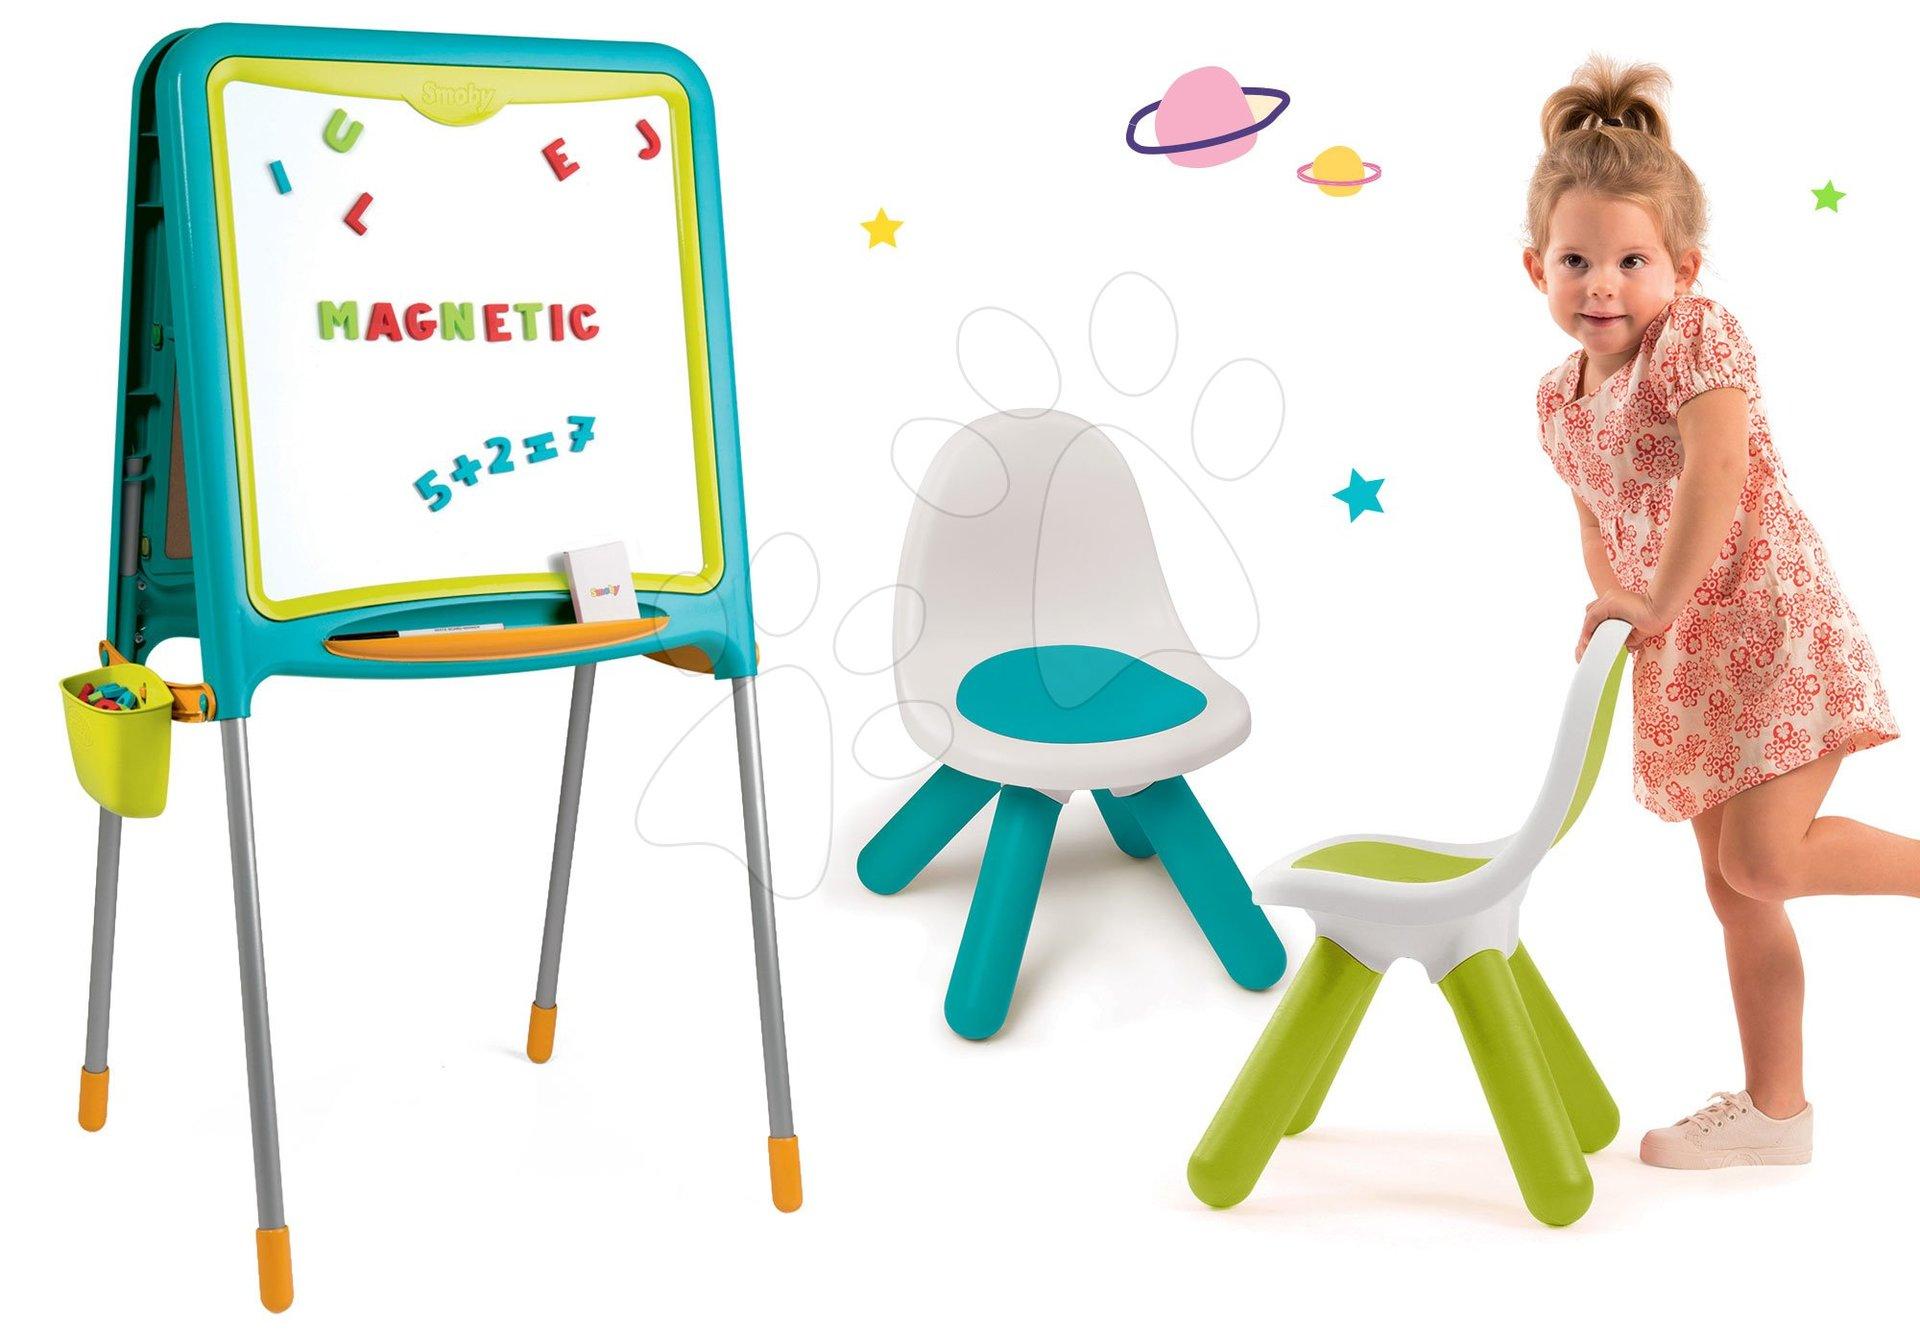 Smoby magnetická obojstranná tabuľa s 80 doplnkami a 2 stoličkami KidChair 410304-1